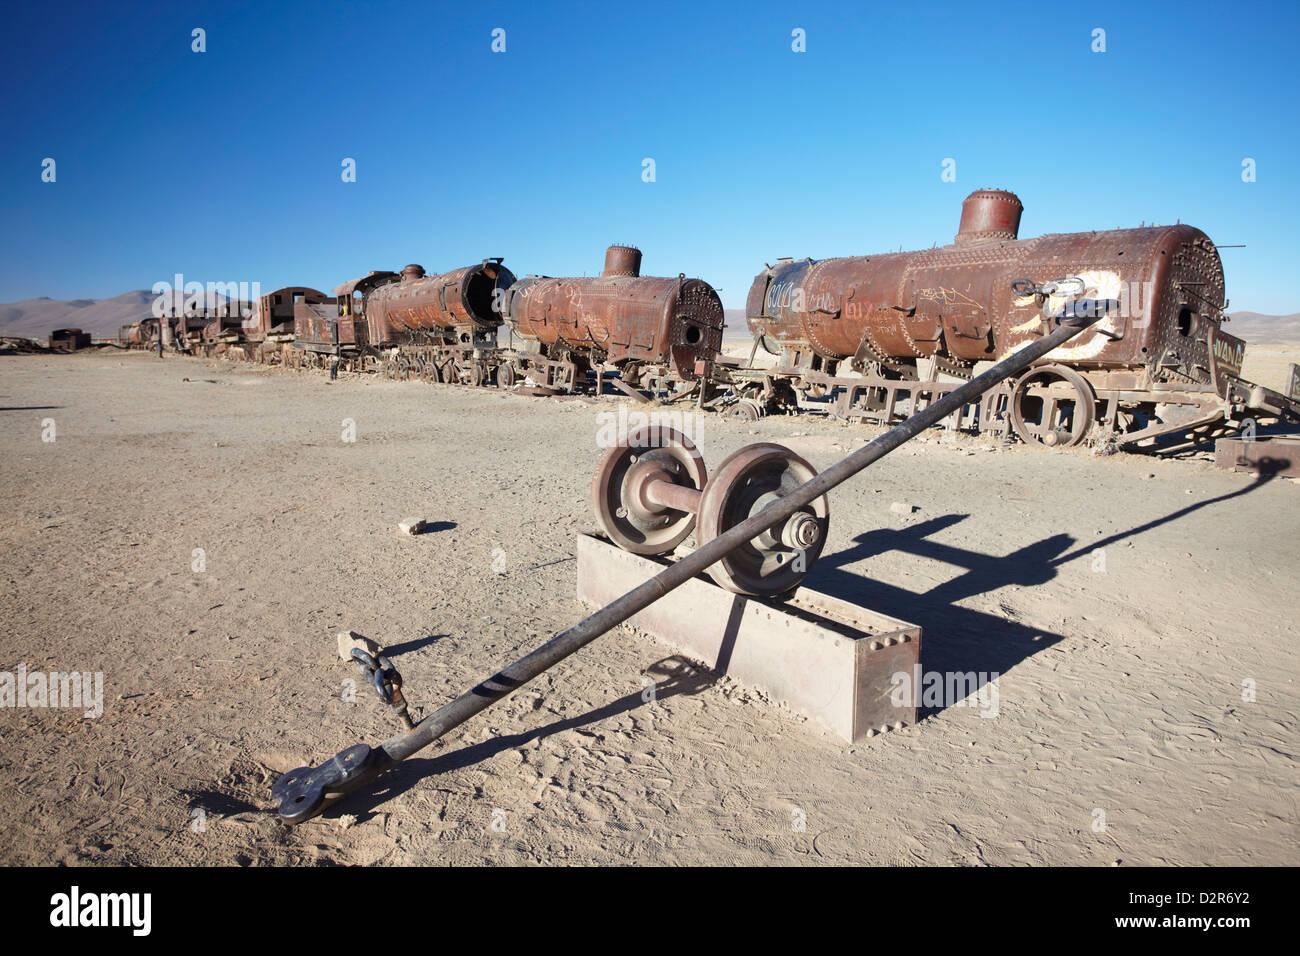 Cemeterio de Trenes (Train Cemetery), Uyuni, Potosi Department, Bolivia, South America - Stock Image